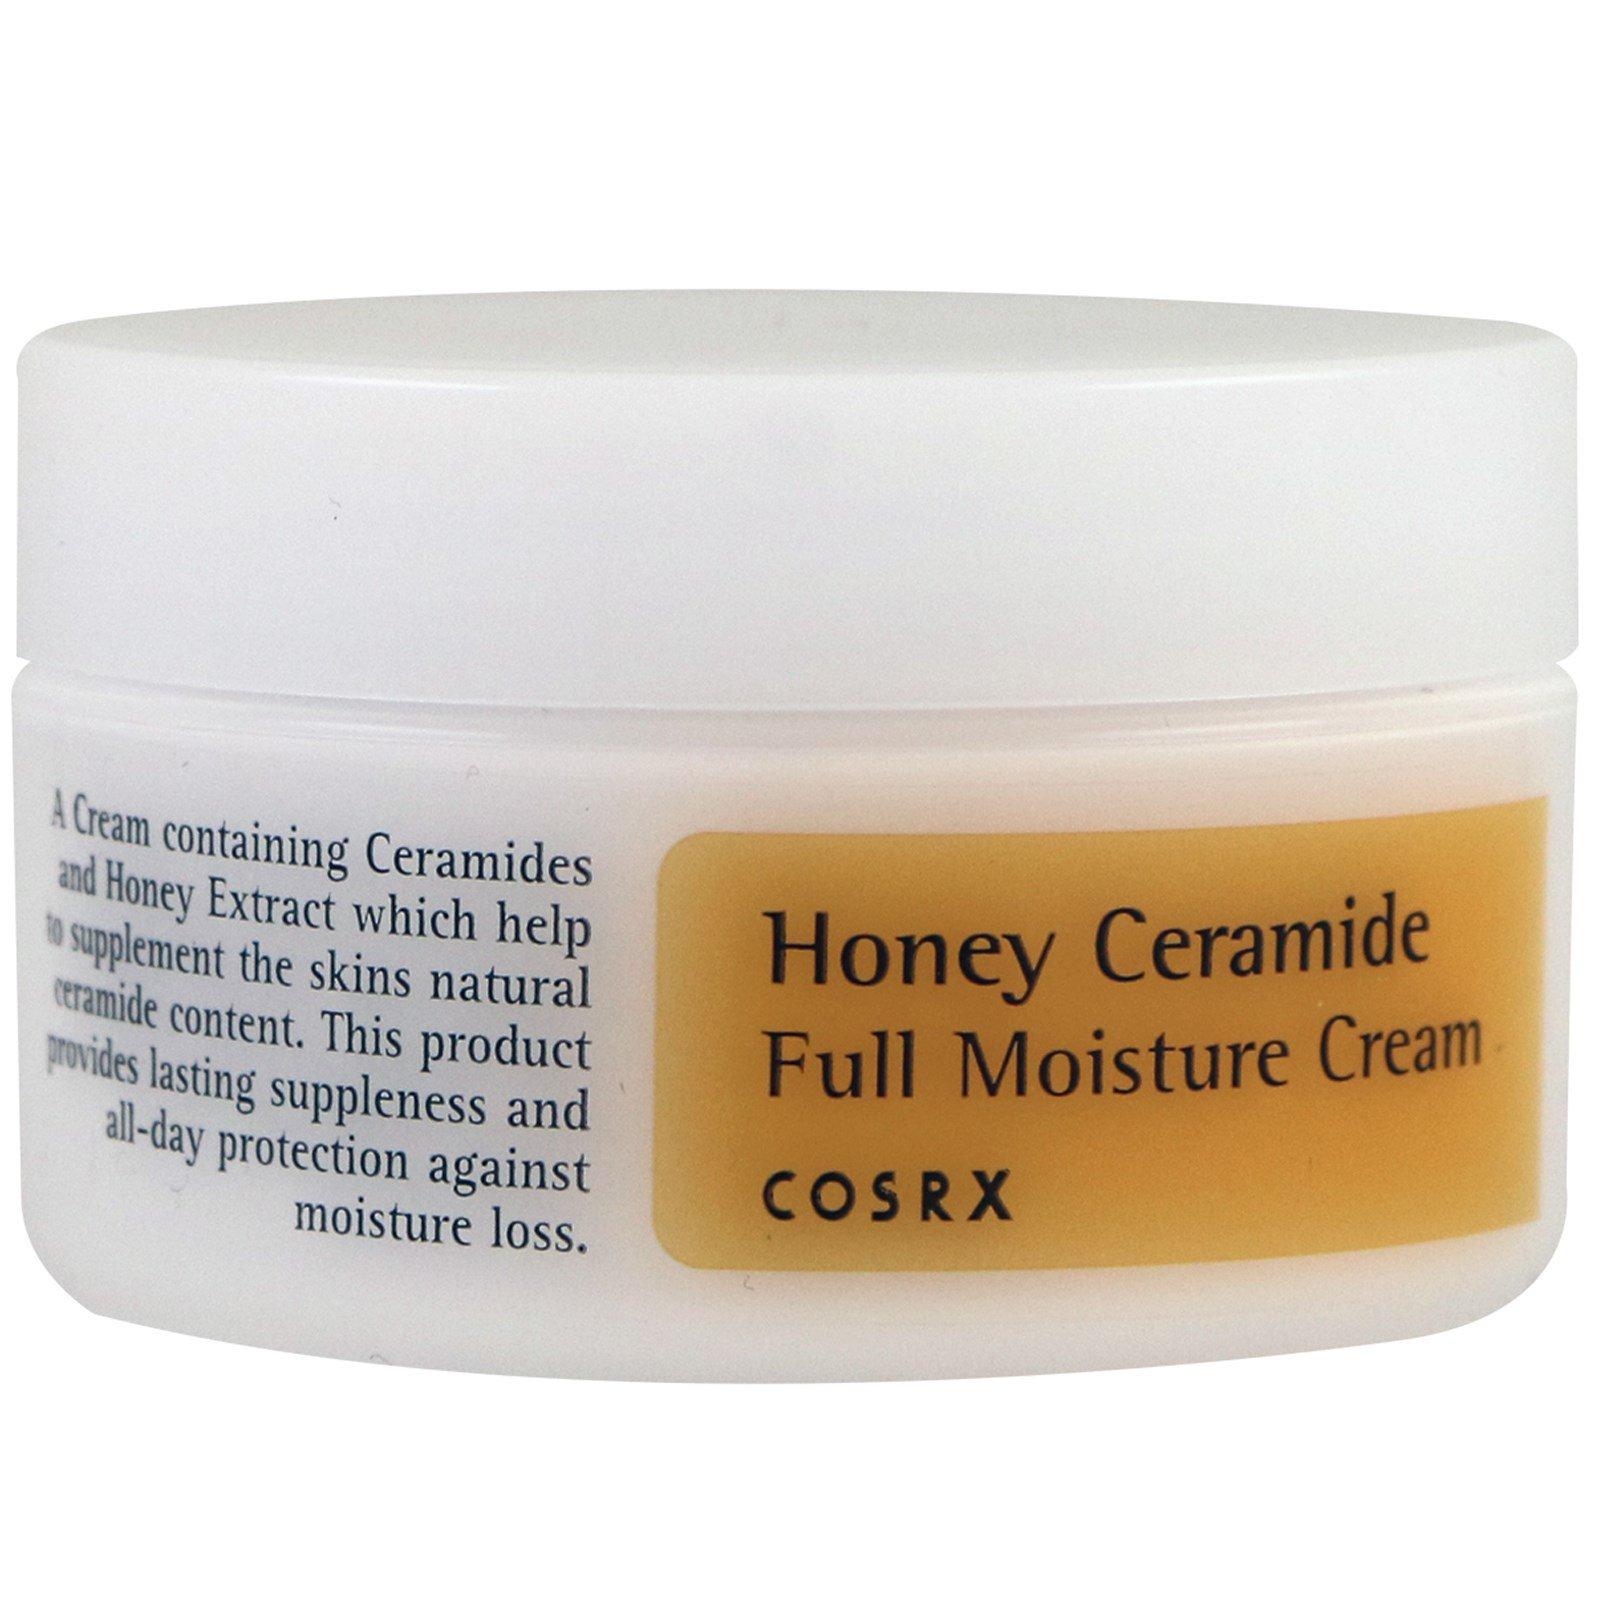 Cosrx, Медовый увлажняющий крем с керамидами, 50 мл